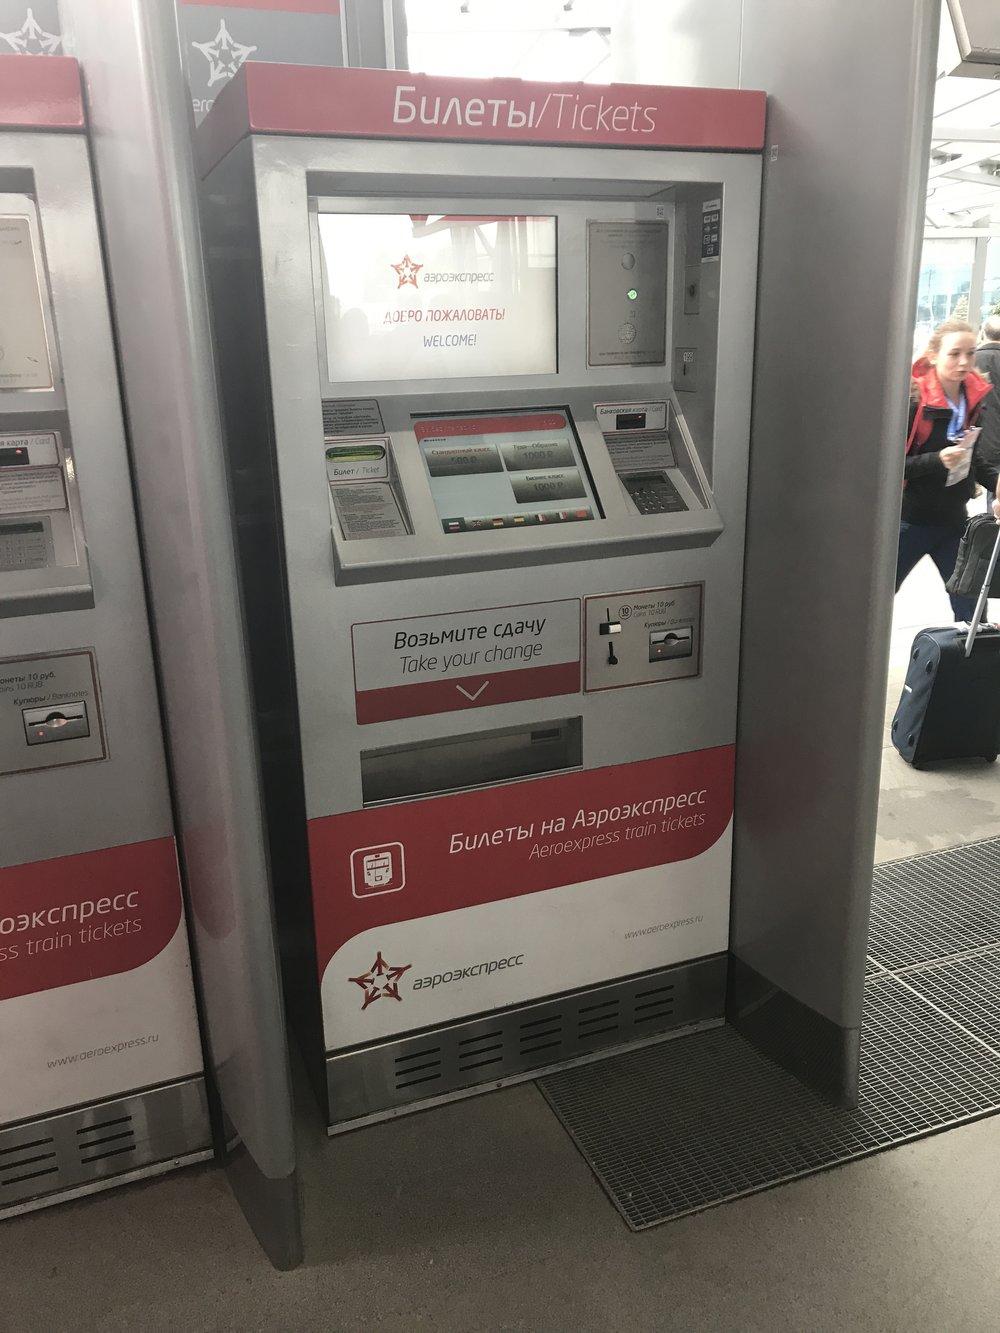 جهاز بيع التذاكر من المطار، قيمة التذكرة ٥٠٠ روبل